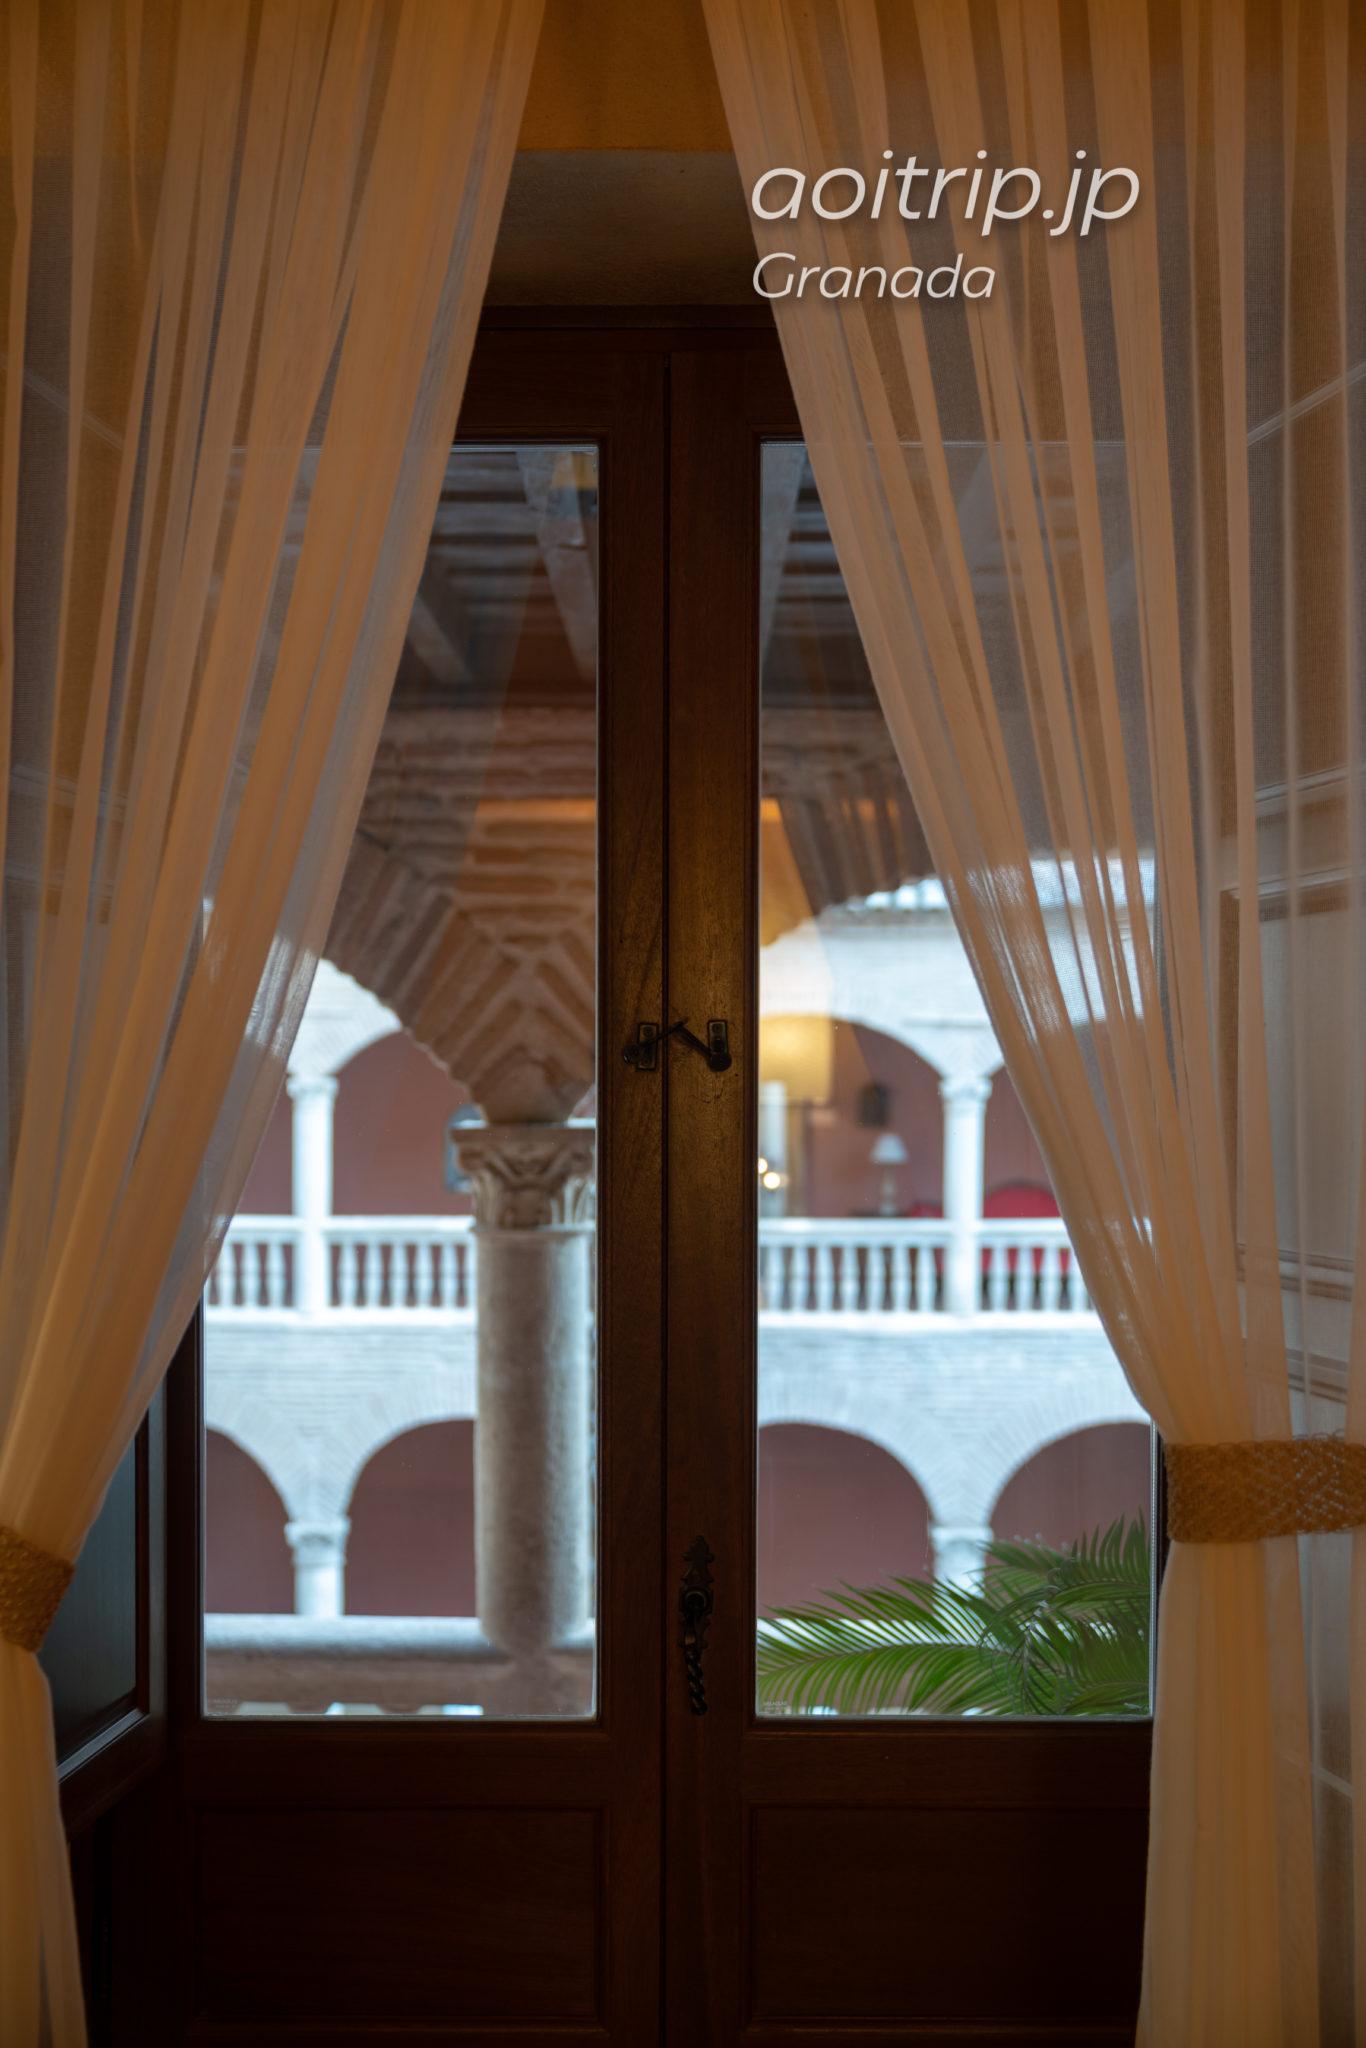 ホテル パラシオ デ サンタ パウラ グラナダ スーペリアルームの縦滑り窓